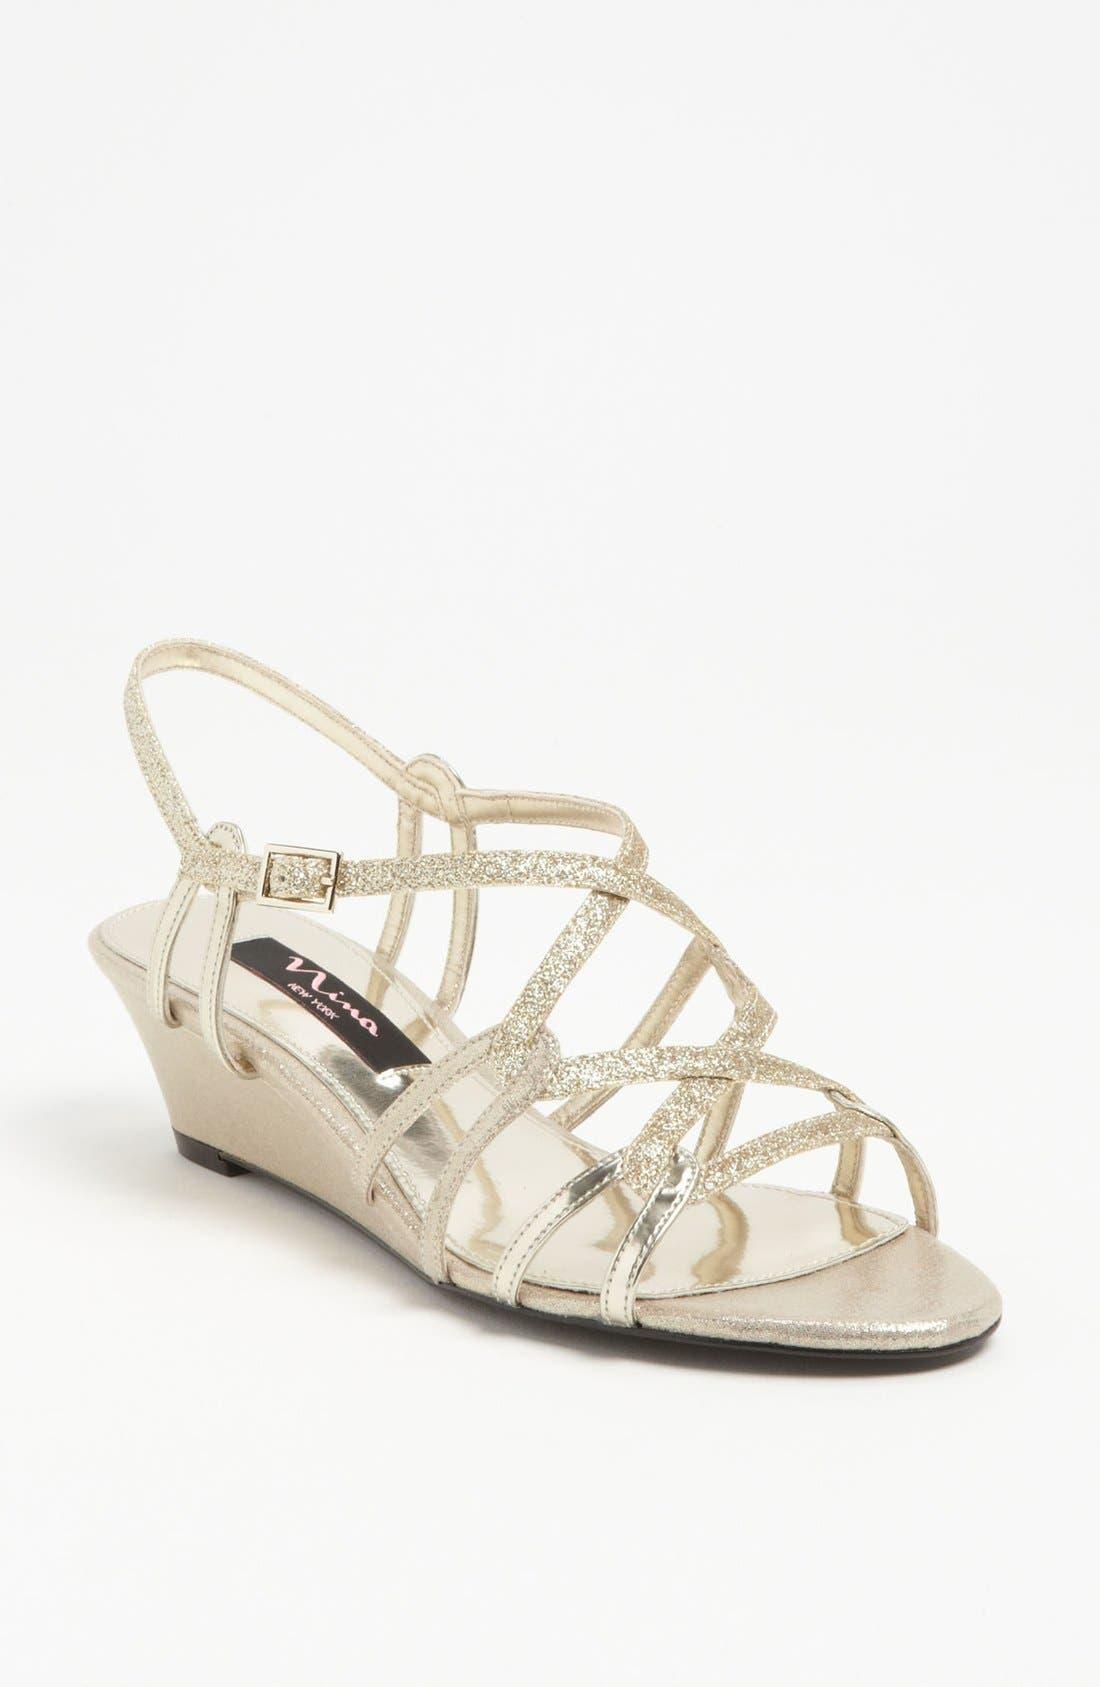 Main Image - Nina 'Foley' Wedge Sandal